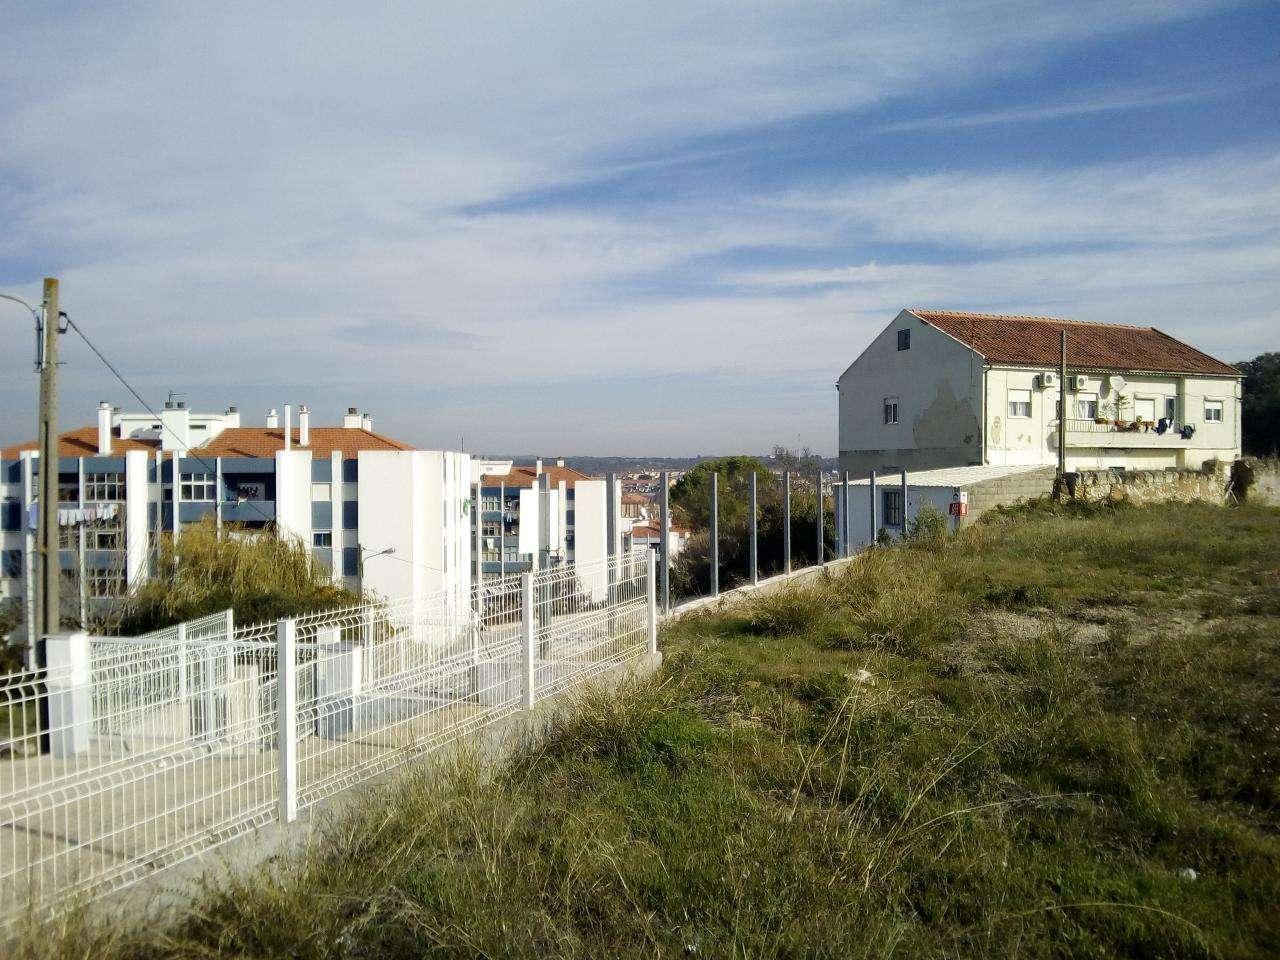 Terreno para comprar, Torres Novas (São Pedro), Lapas e Ribeira Branca, Torres Novas, Santarém - Foto 3